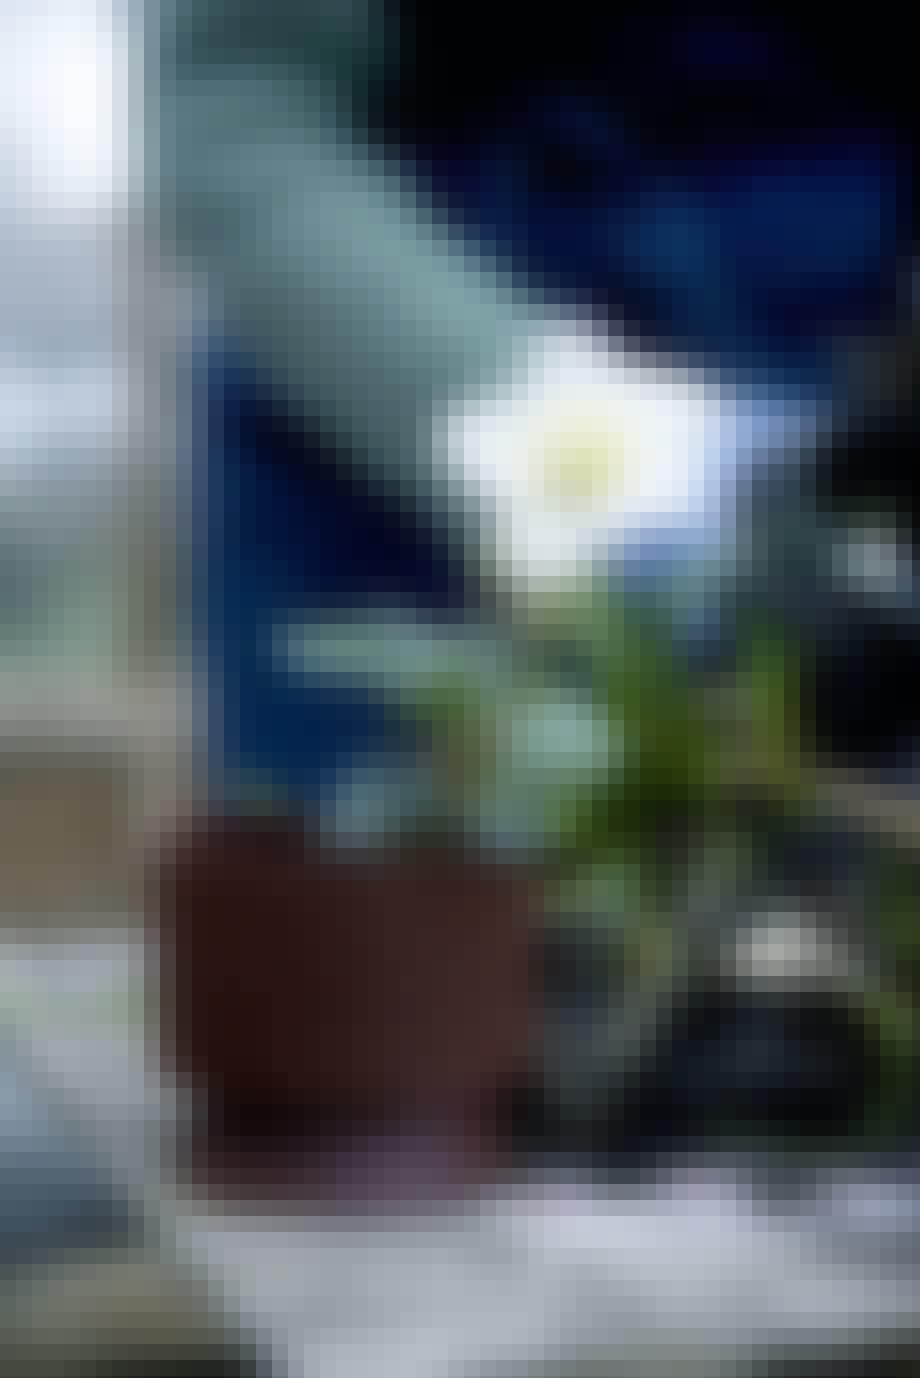 Reduce Flowerpot Signe Wenneberg for Rosendahl